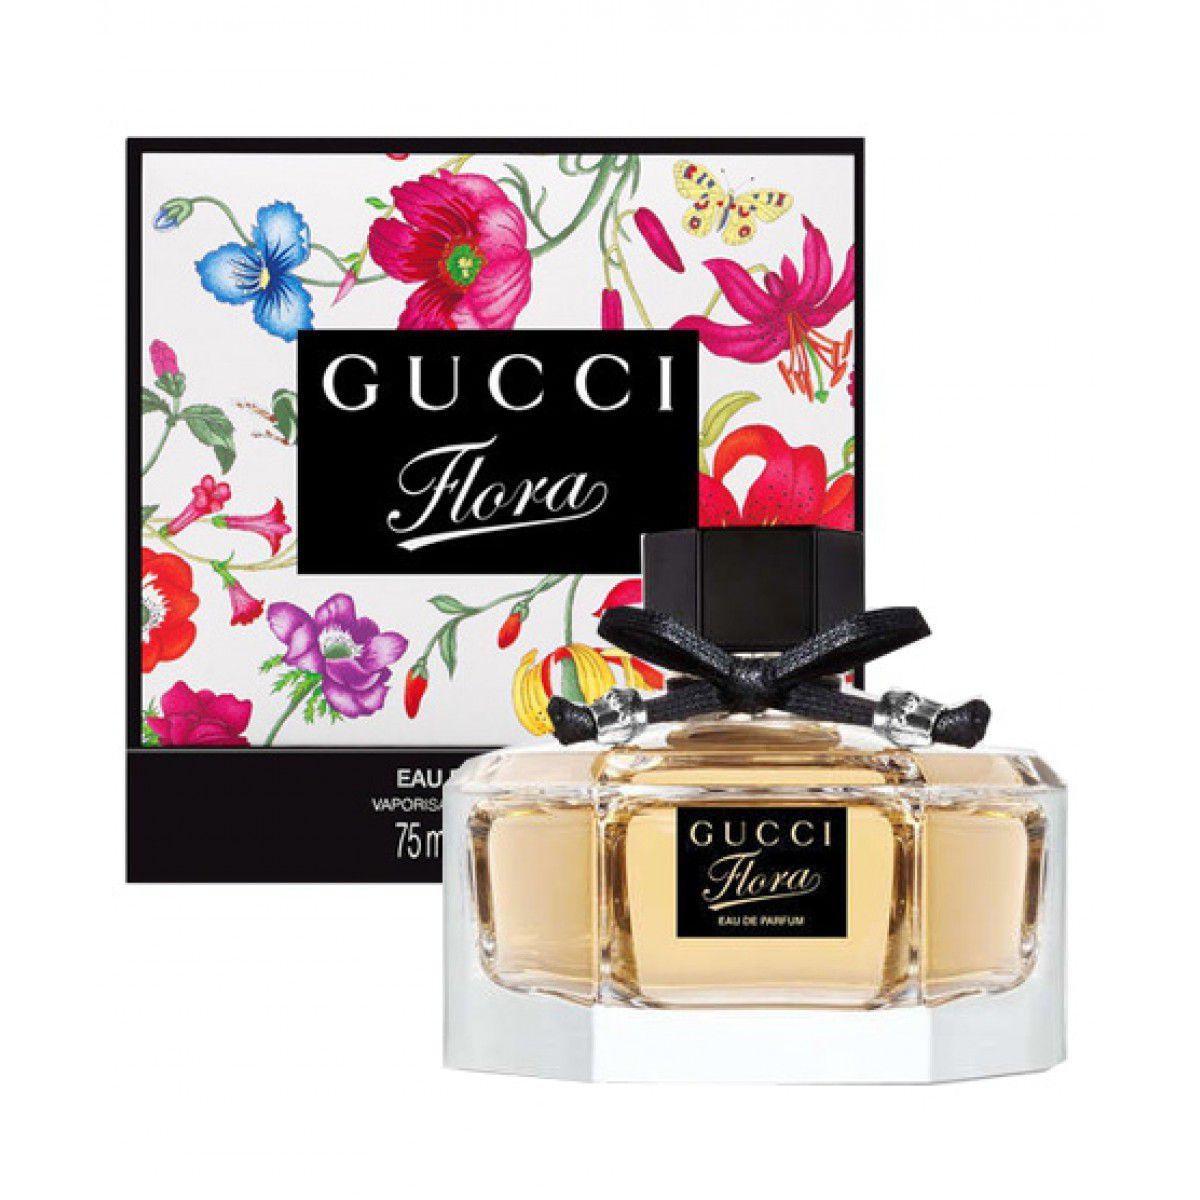 Gucci Frags Flora Eau De Parfum 75 Ml Buy Online At Best Prices In